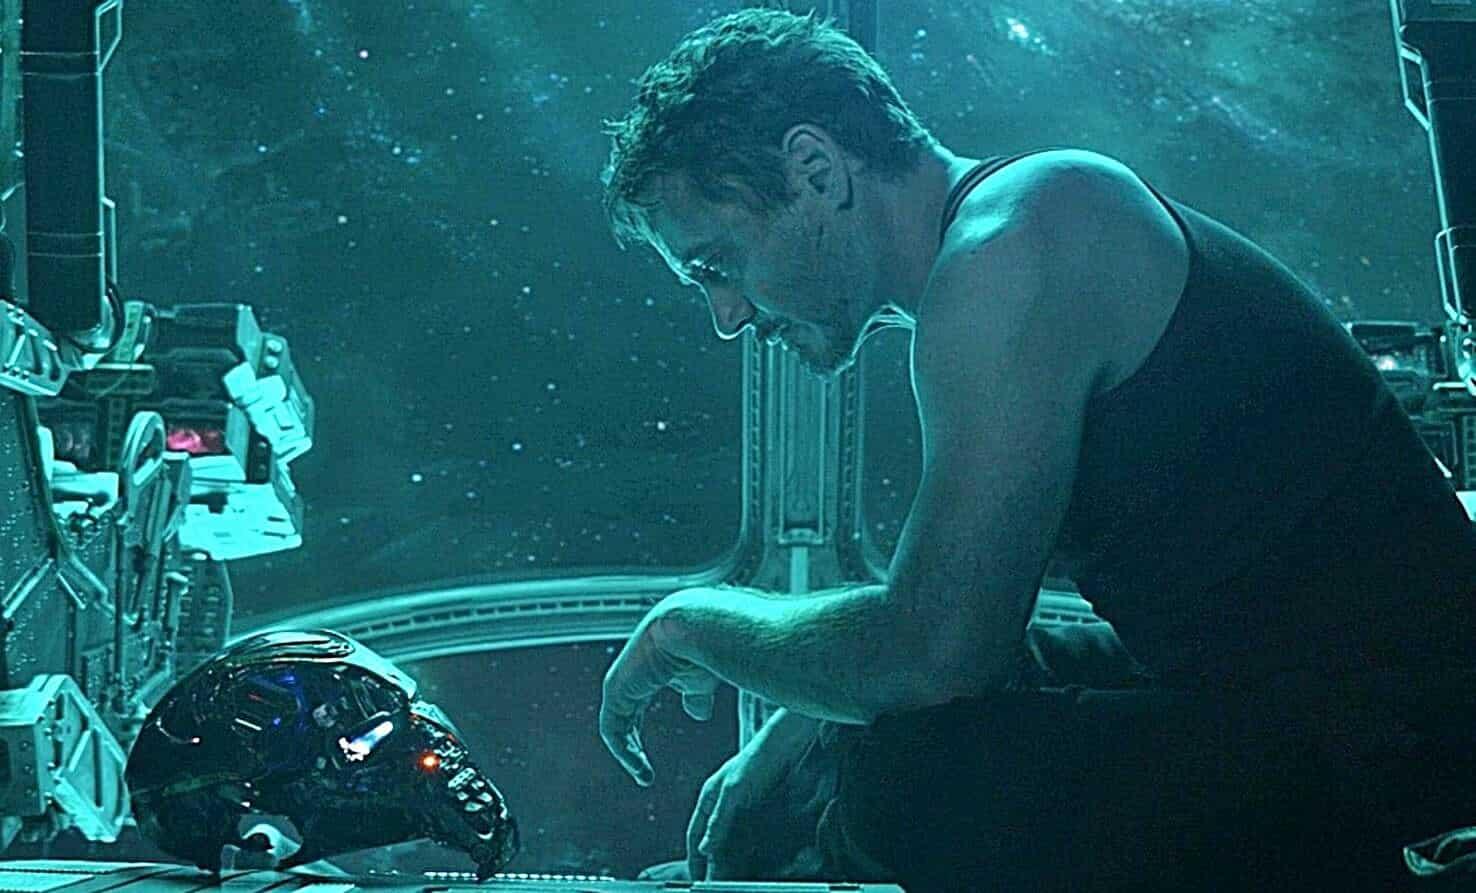 How Tony Stark Survives Avengers Endgame